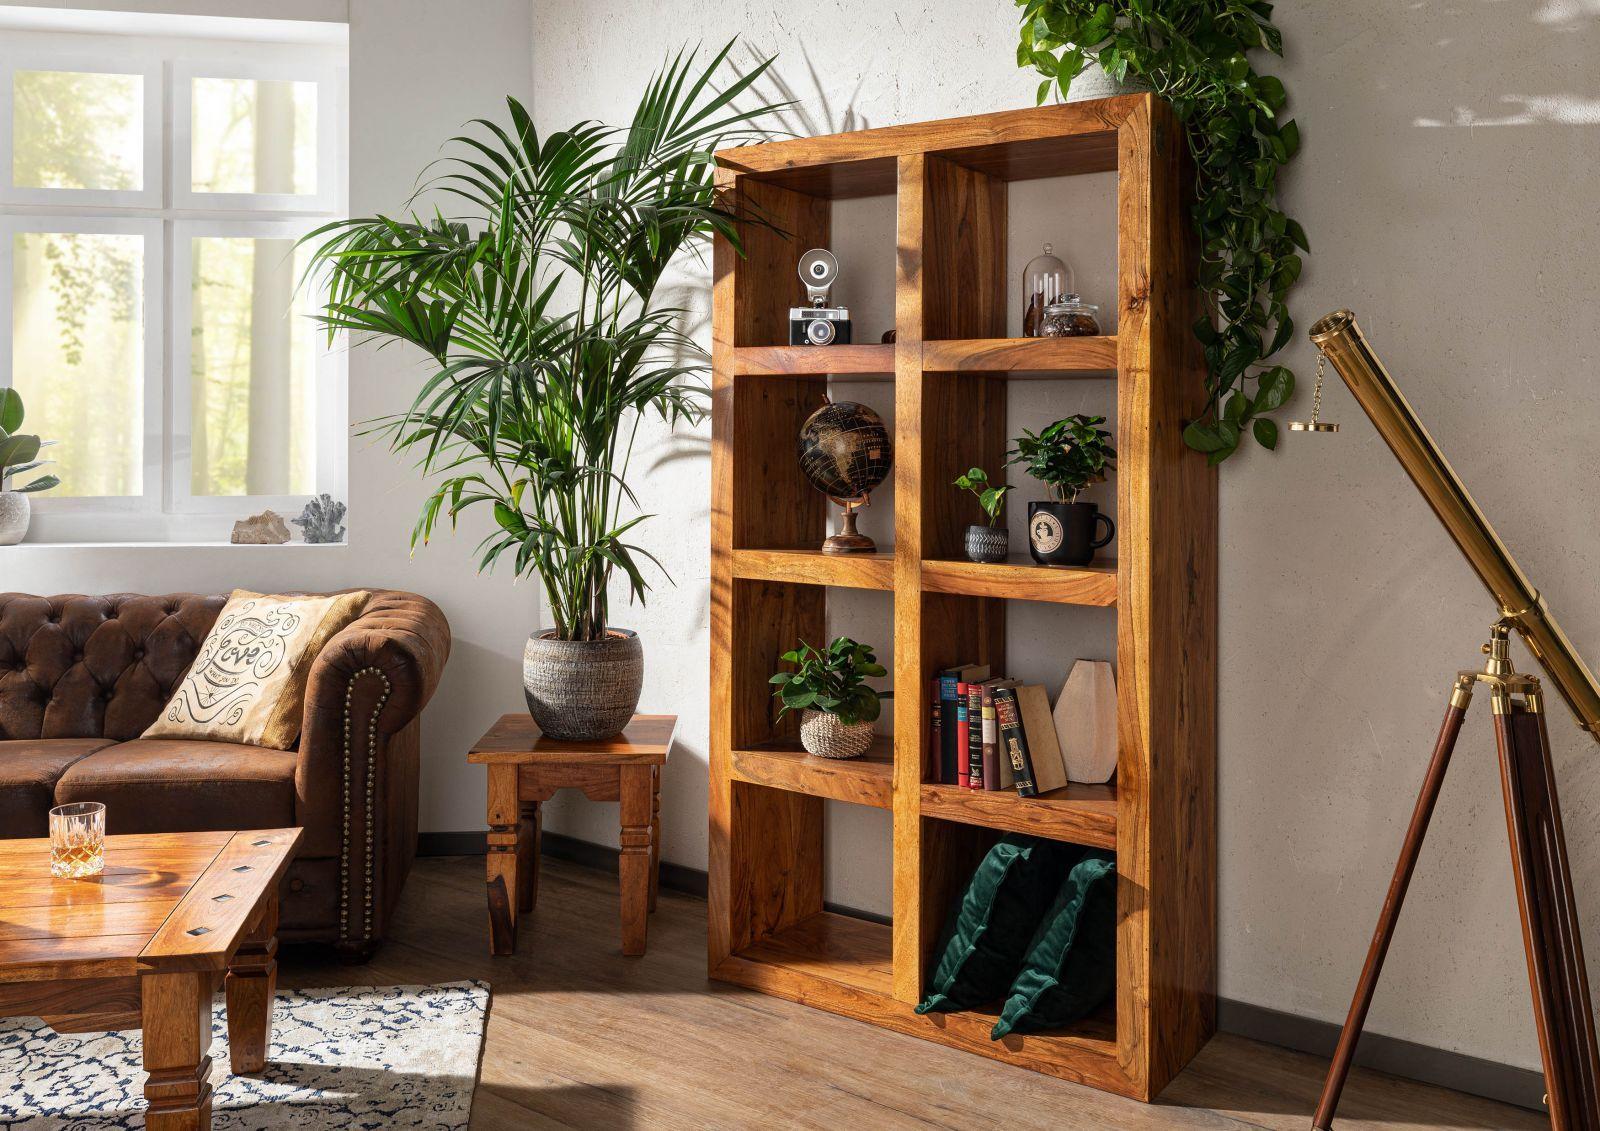 Das Wohnzimmer Im Stil Vergangener Zeiten Kolonial Mobel Bieten